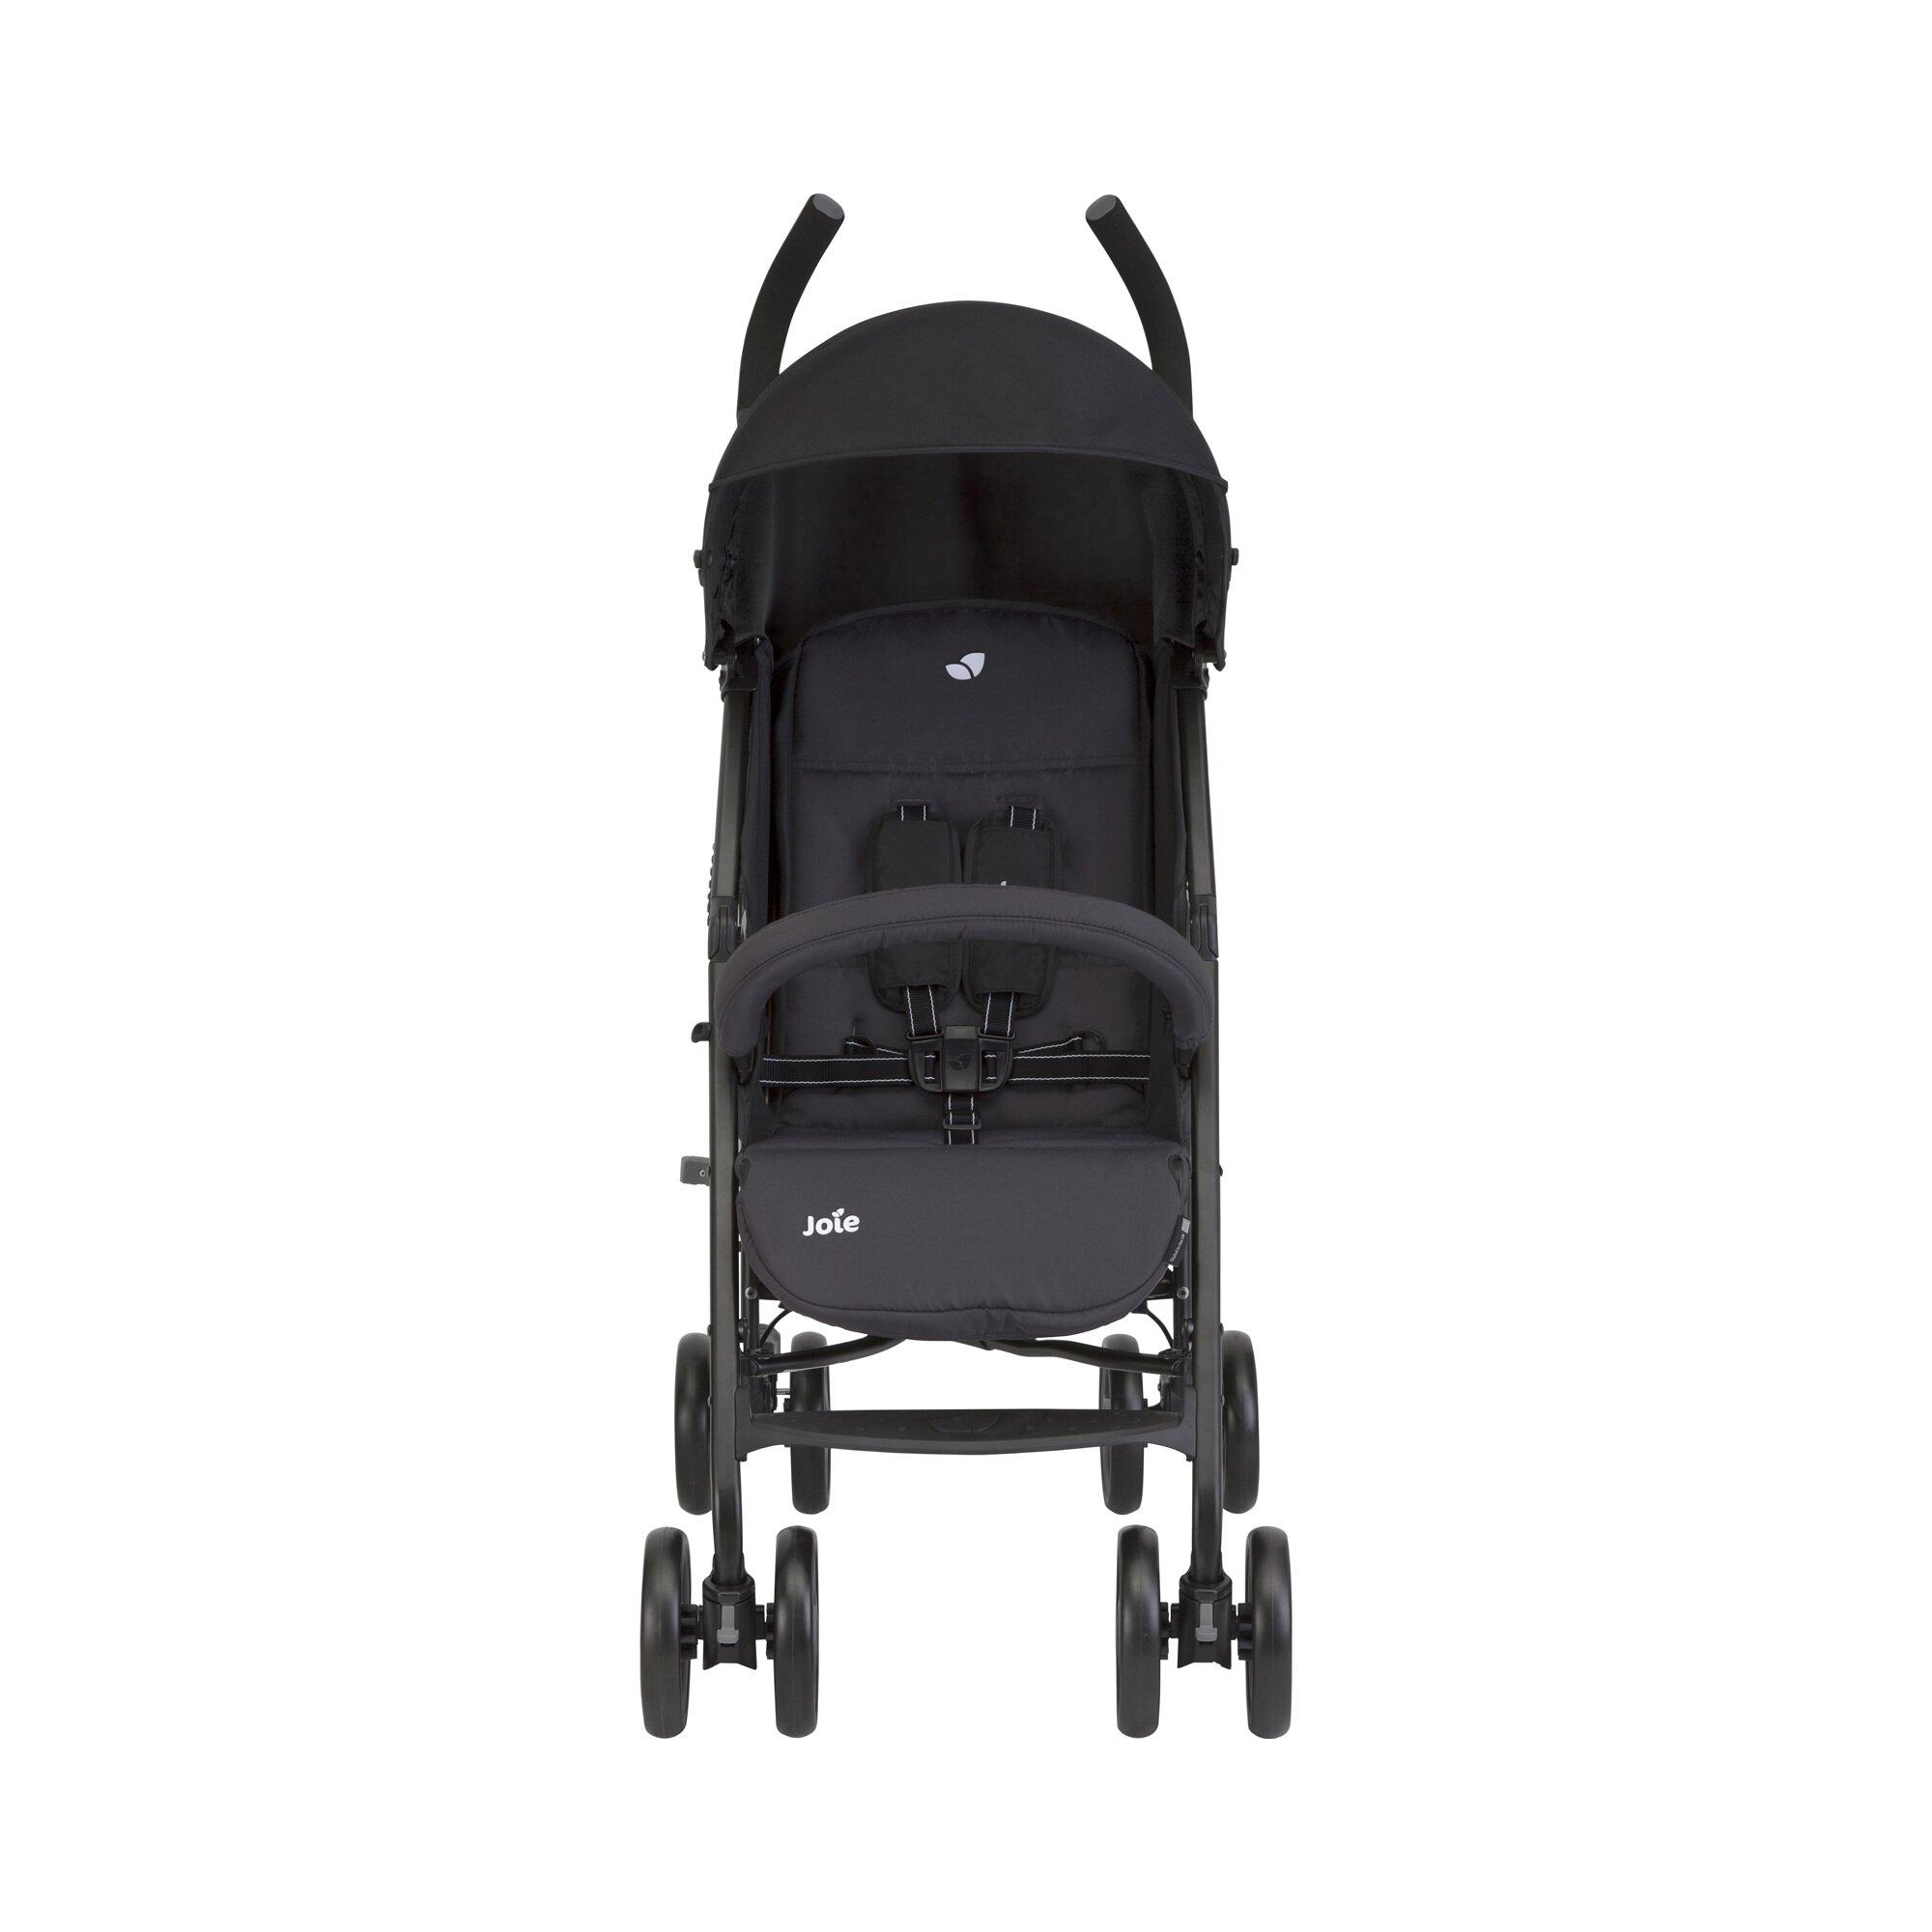 joie-nitro-lx-kinderwagen-sportwagen-design-2018-schwarz